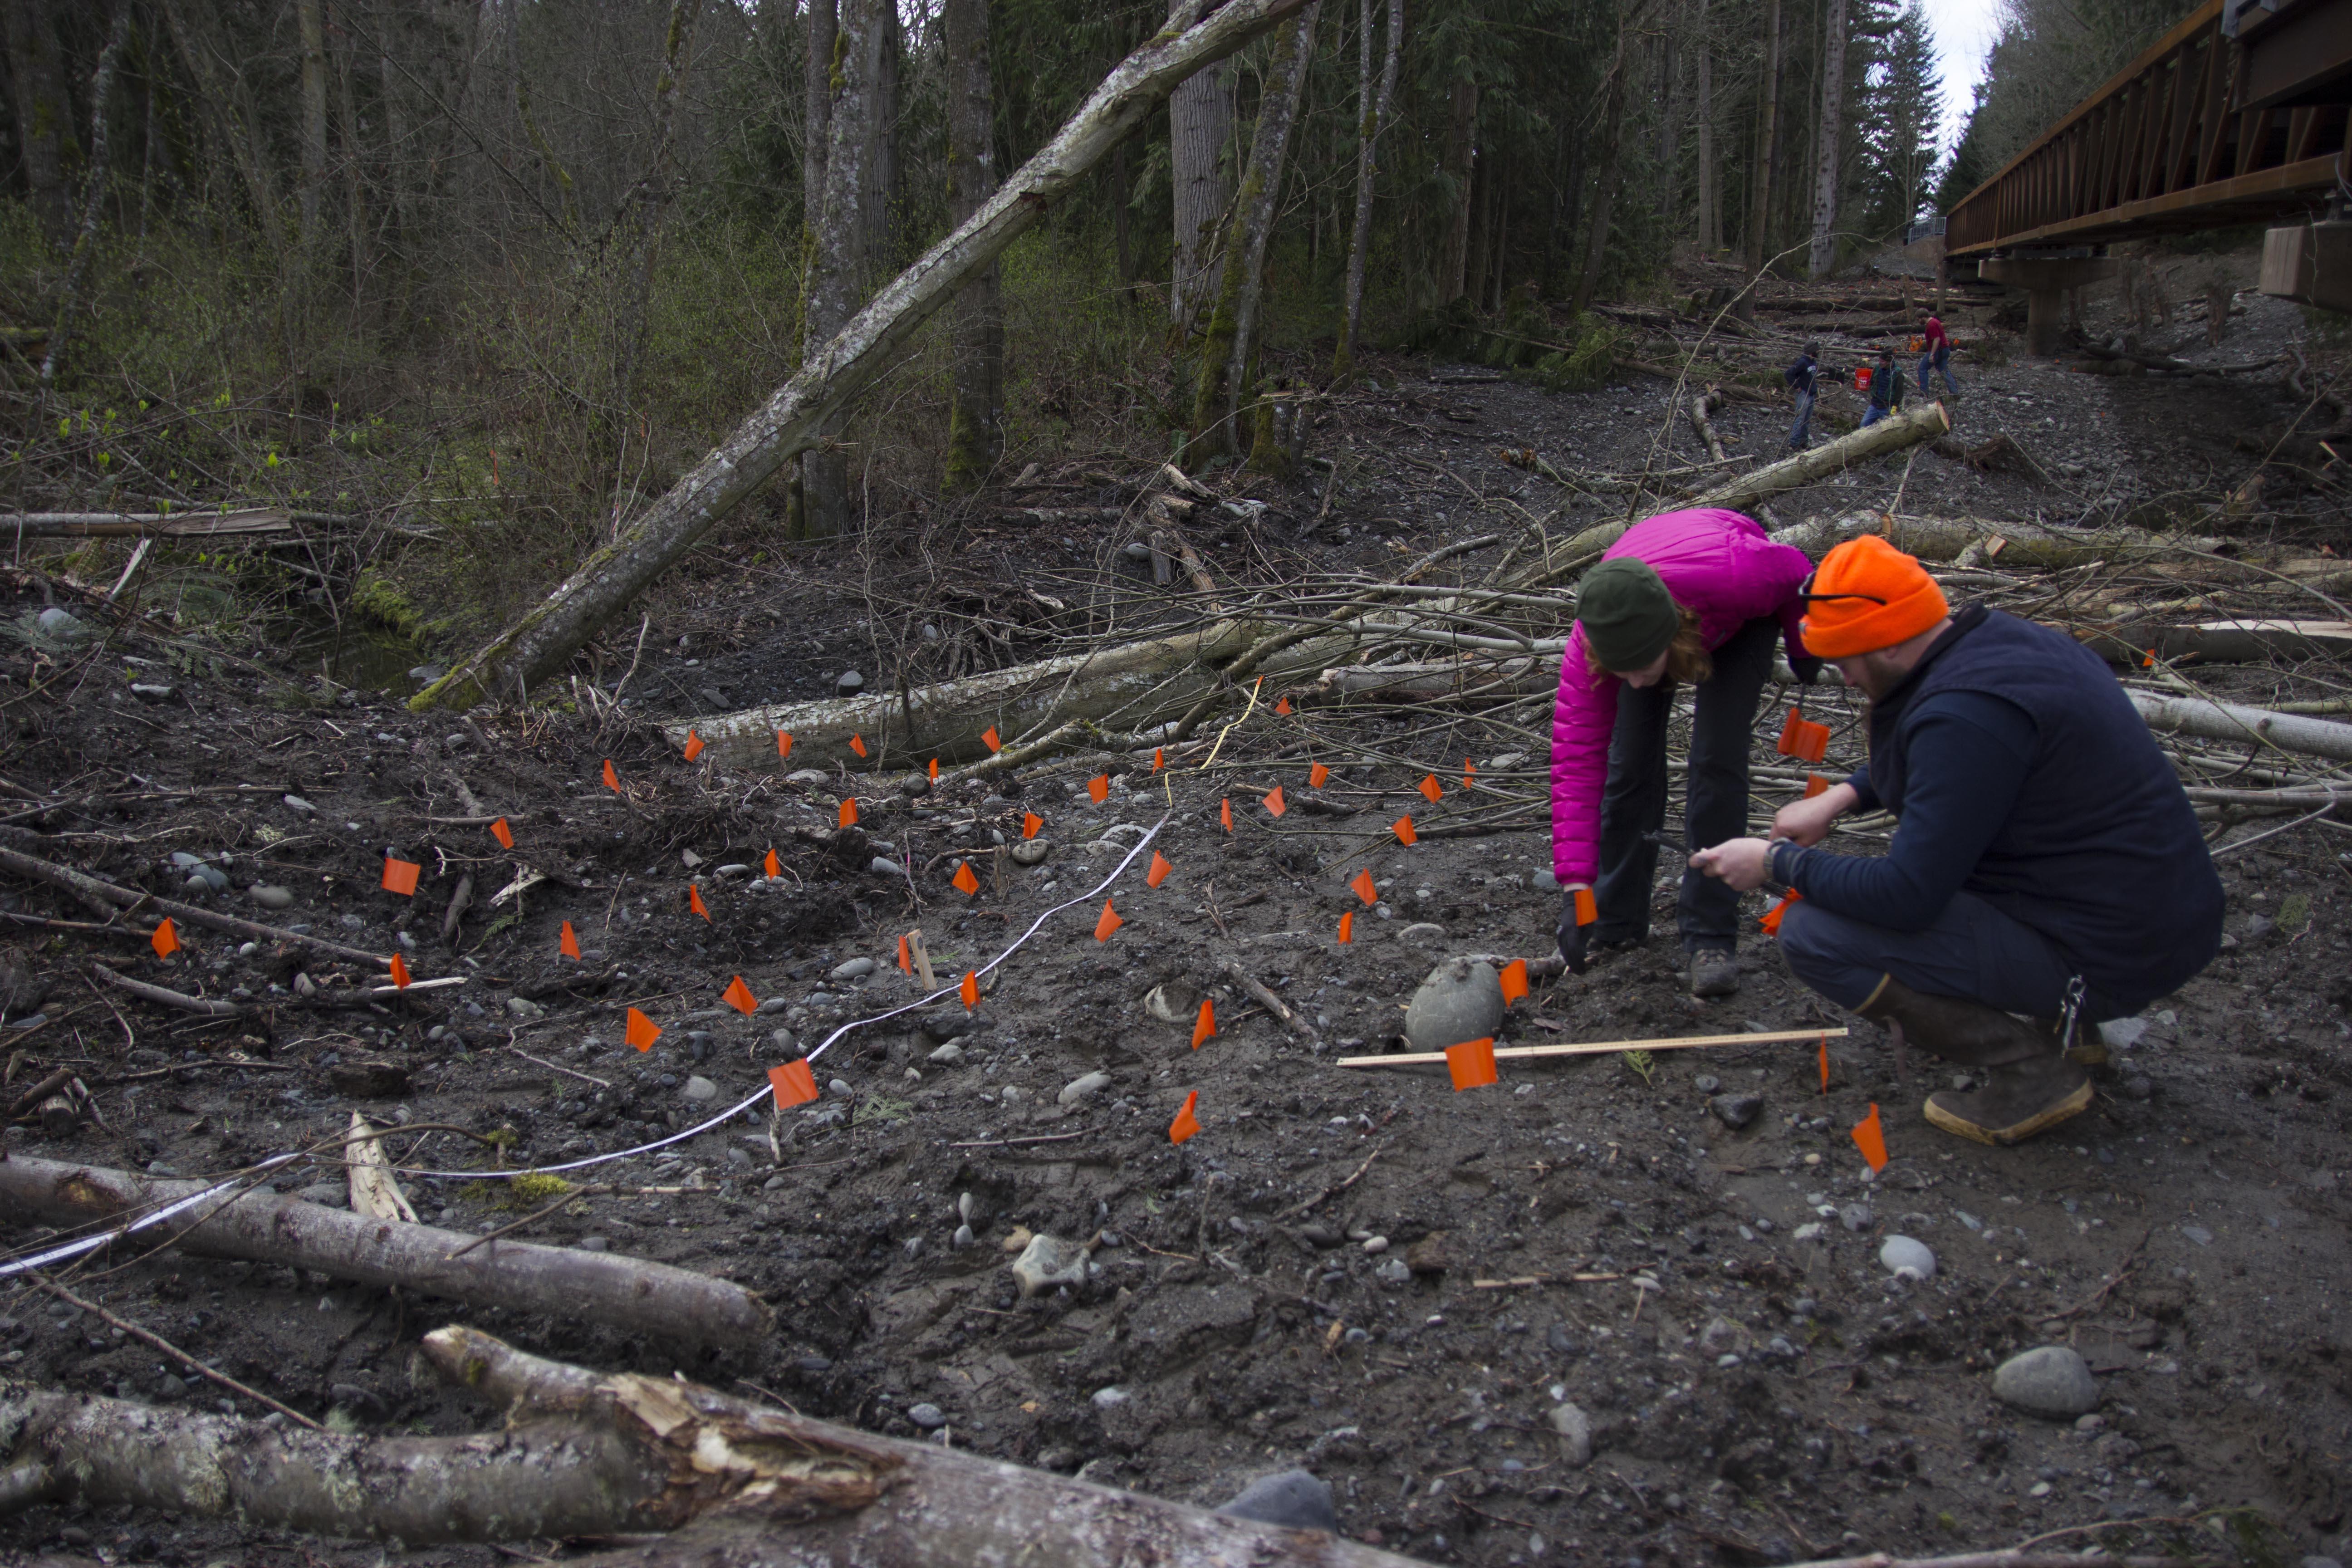 Jamestown S'Klallam Tribe, Colleges Partner on River Revegetation Work